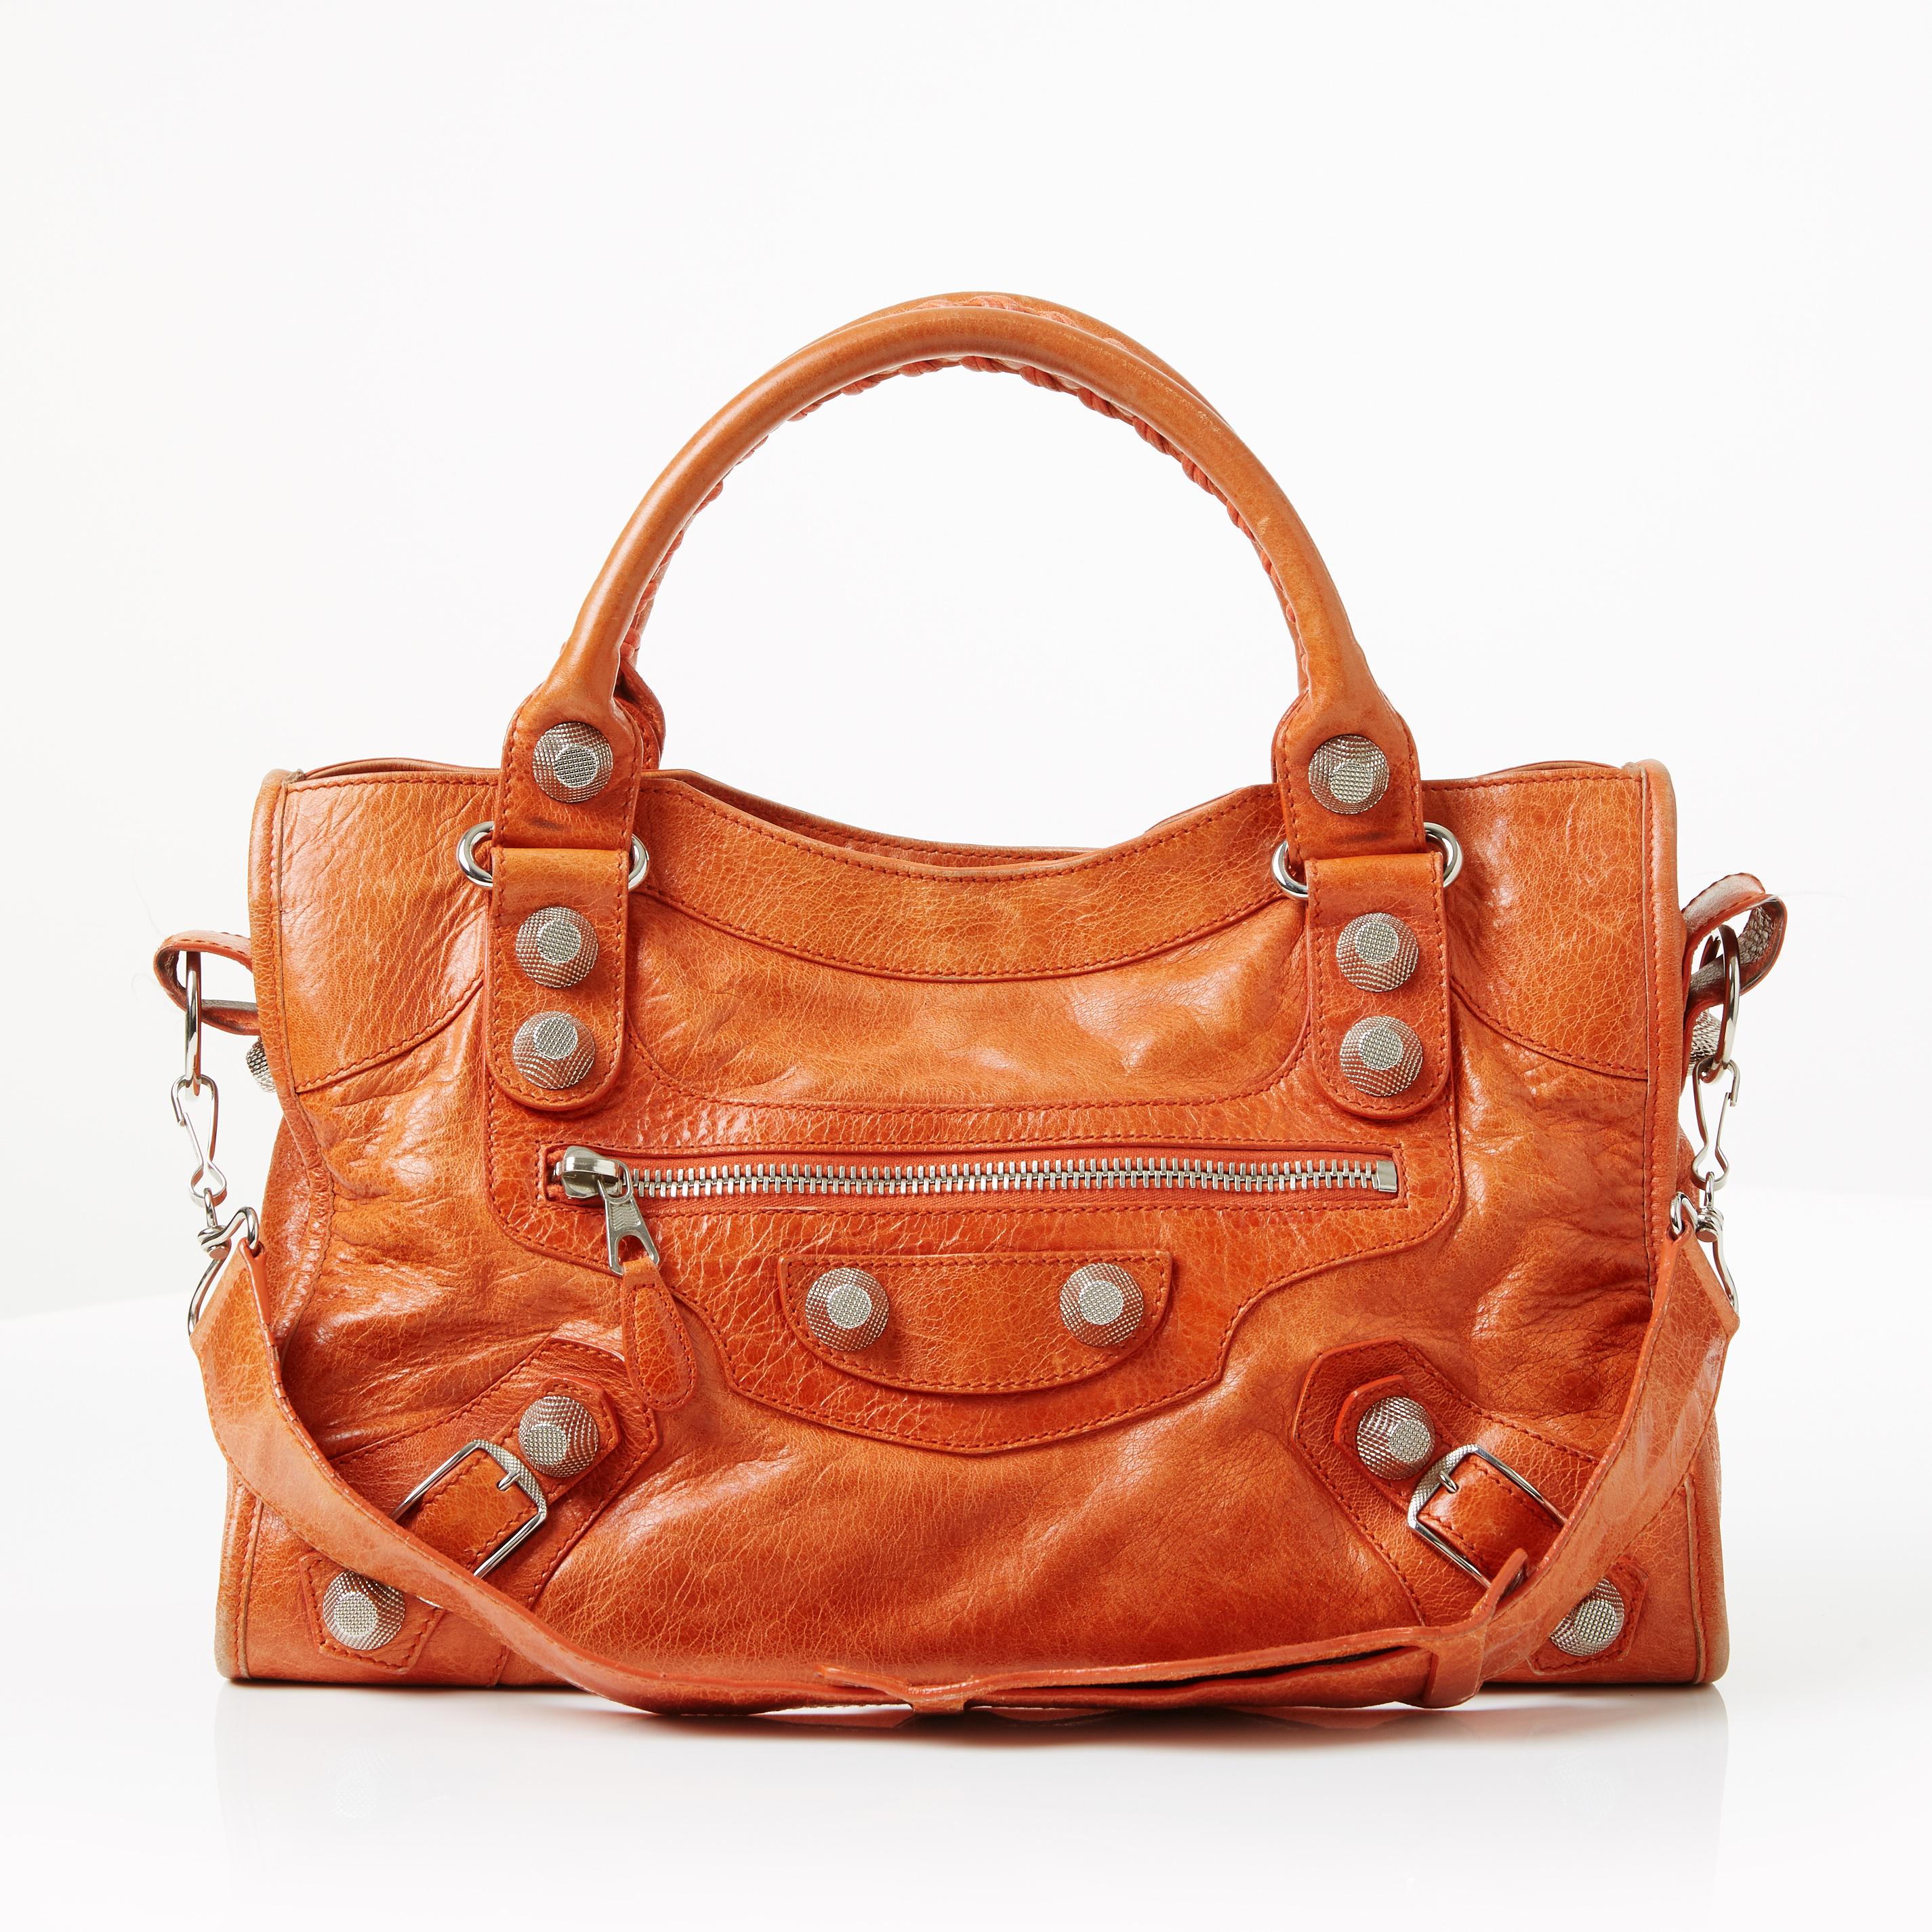 BALENCIAGA, handväska Giant Silver City i orange mjukt lammskinn med nitar och spännen i vitmetall. Bild: Stockholms Auktionsverk